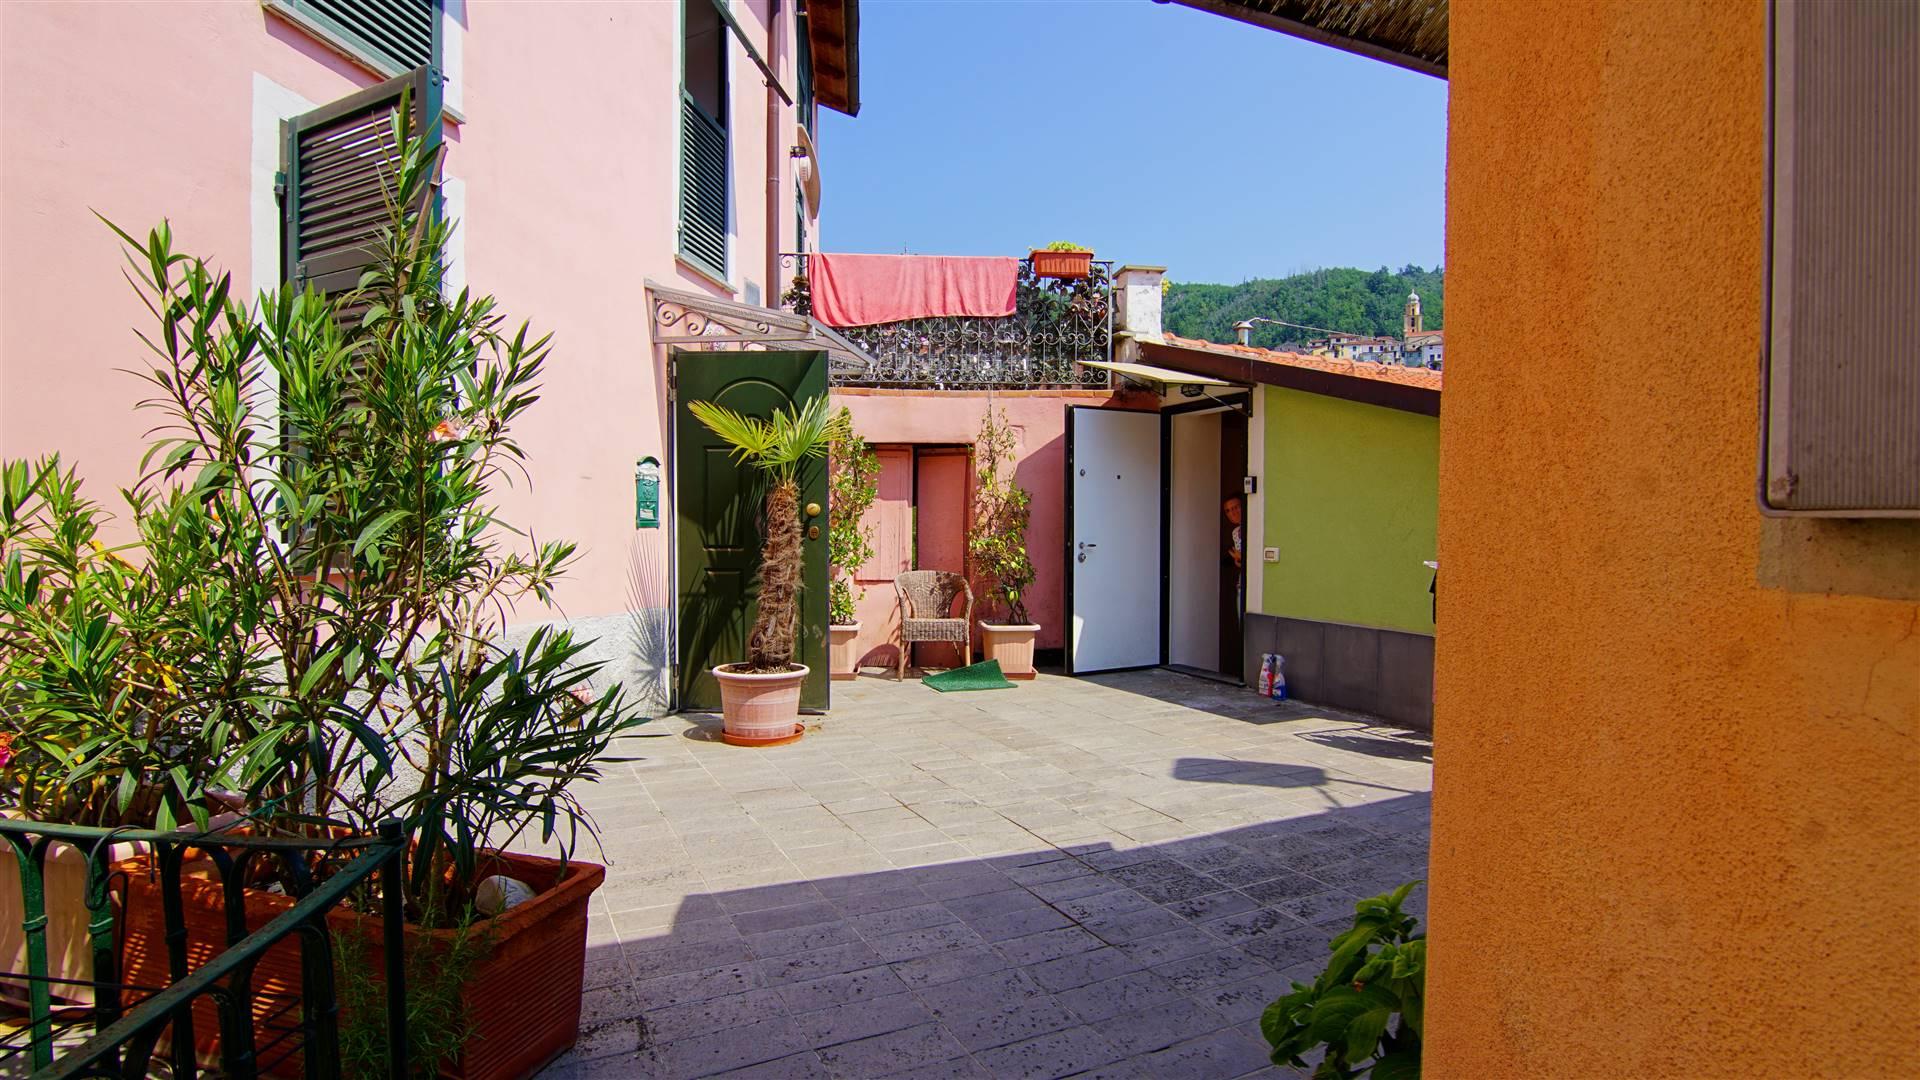 Appartamento in vendita a Carrodano, 2 locali, zona a, prezzo € 98.000 | PortaleAgenzieImmobiliari.it